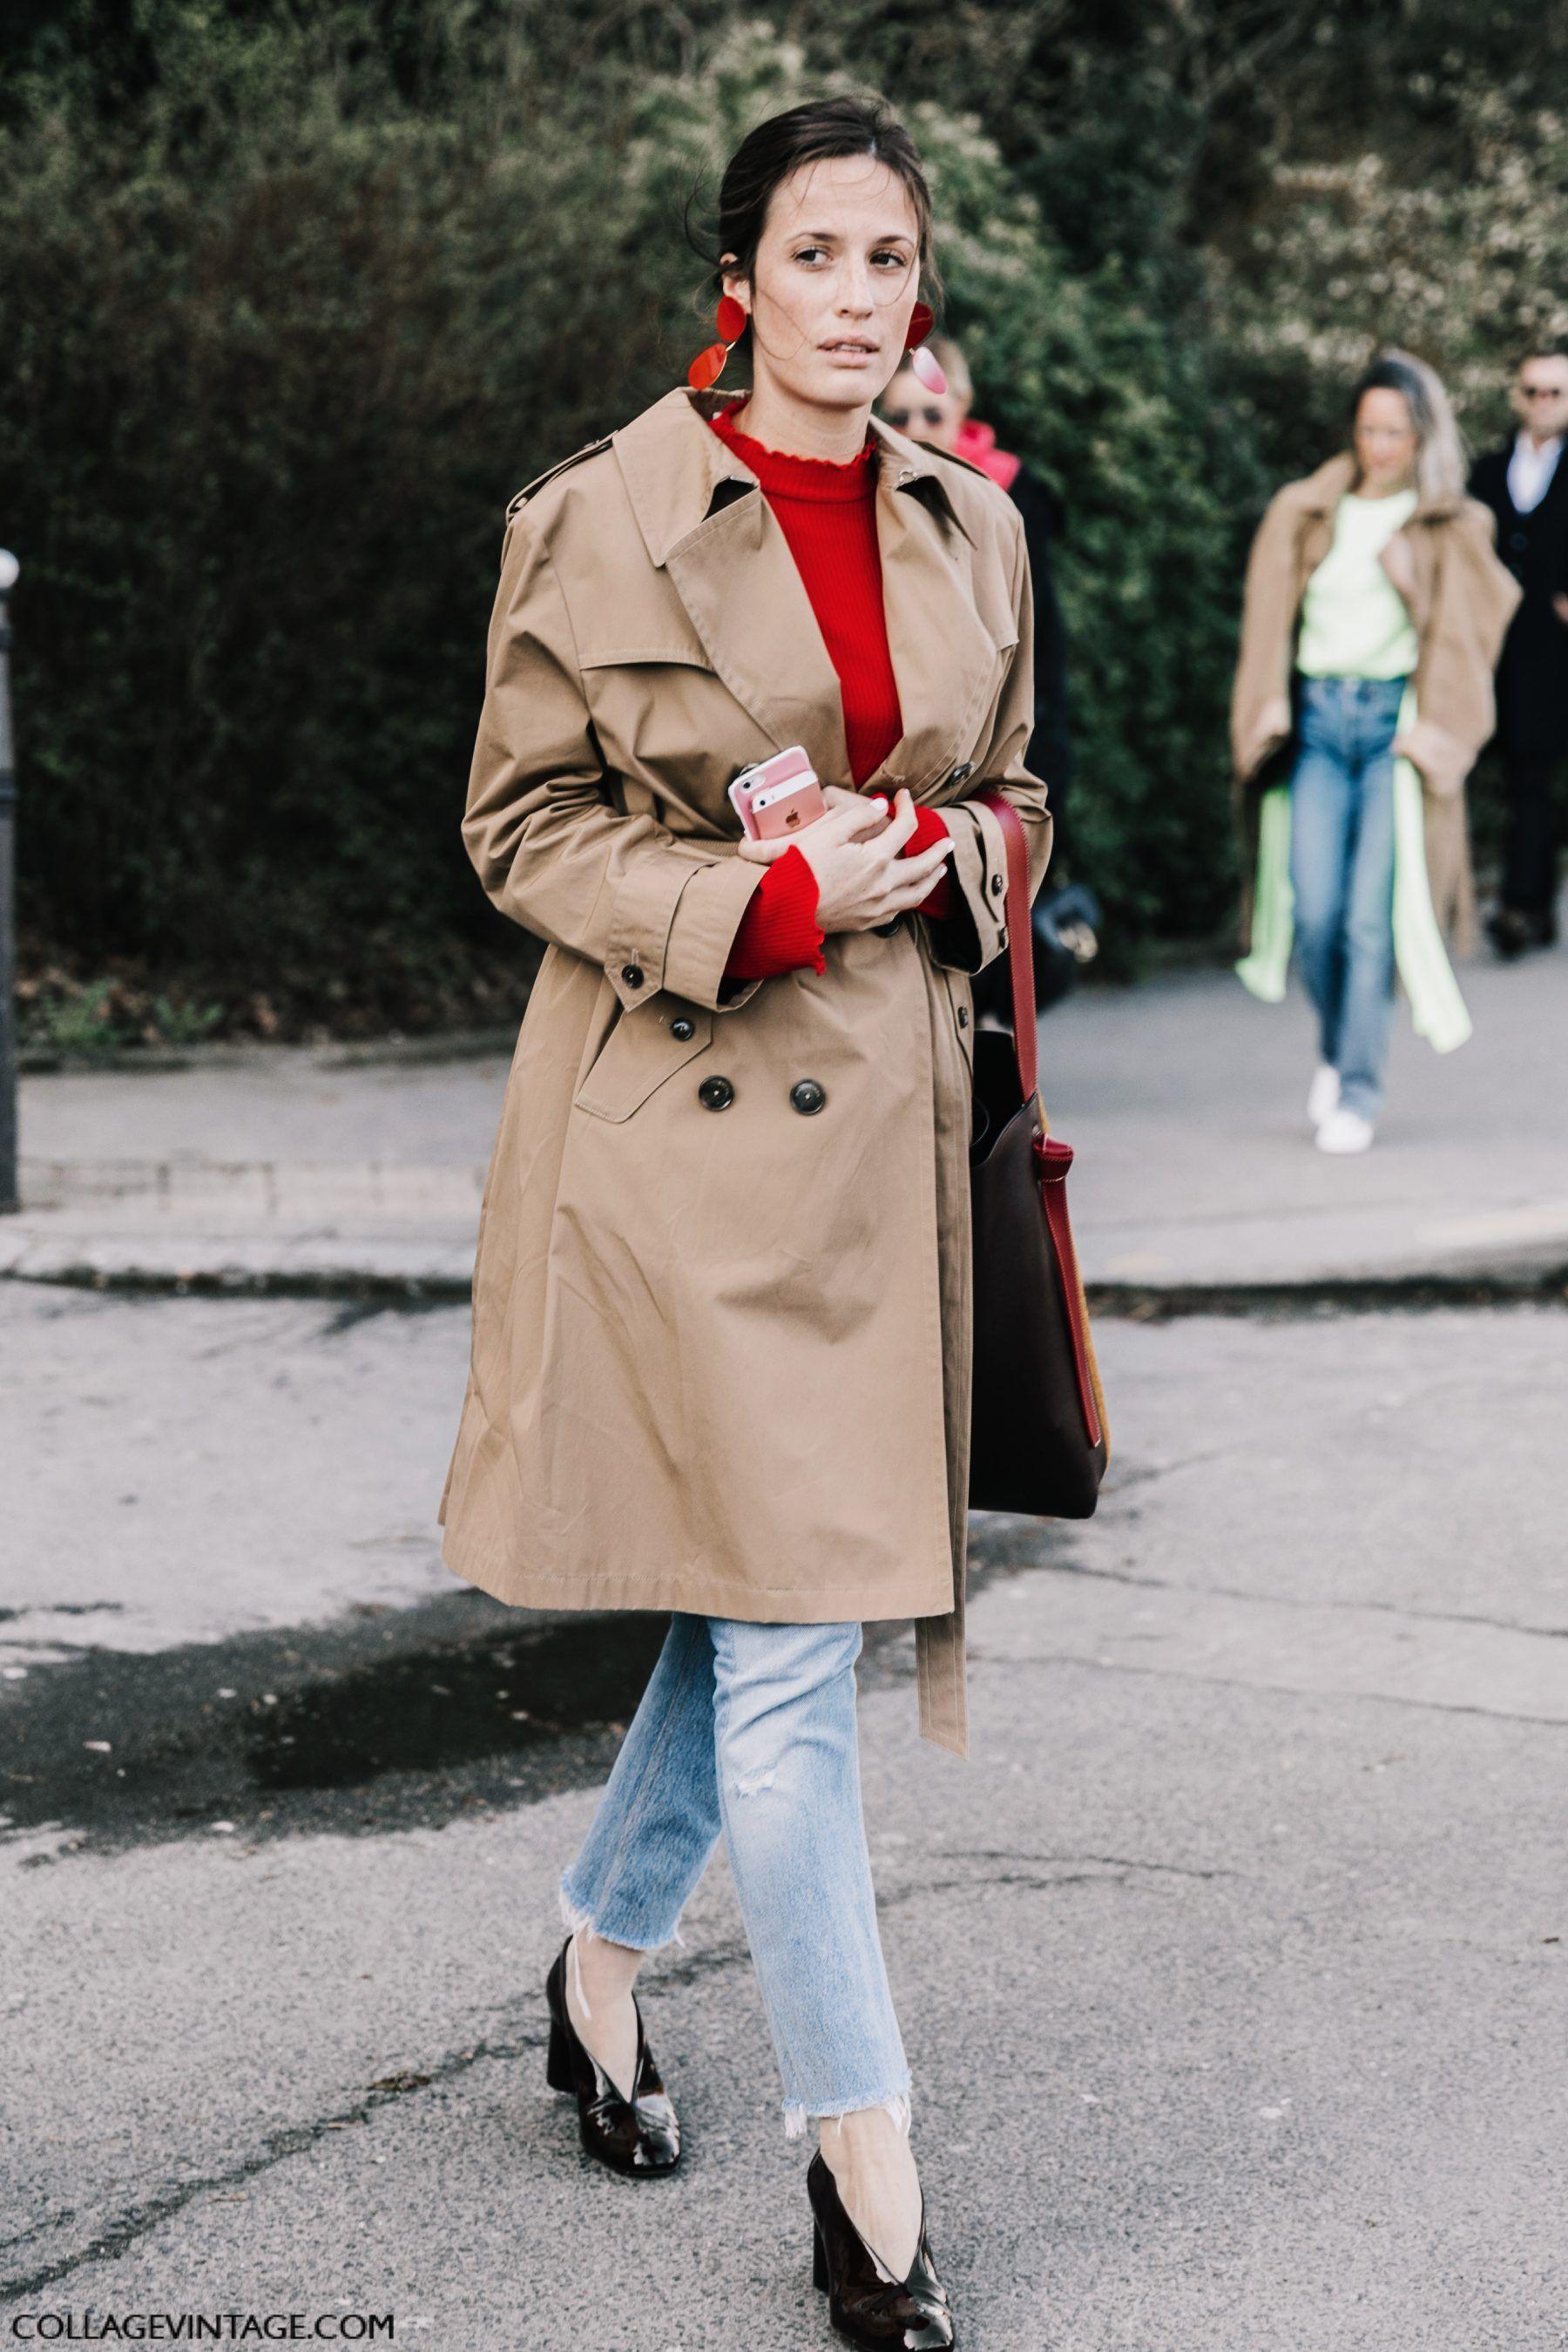 пальто во французском стиле фото при движении